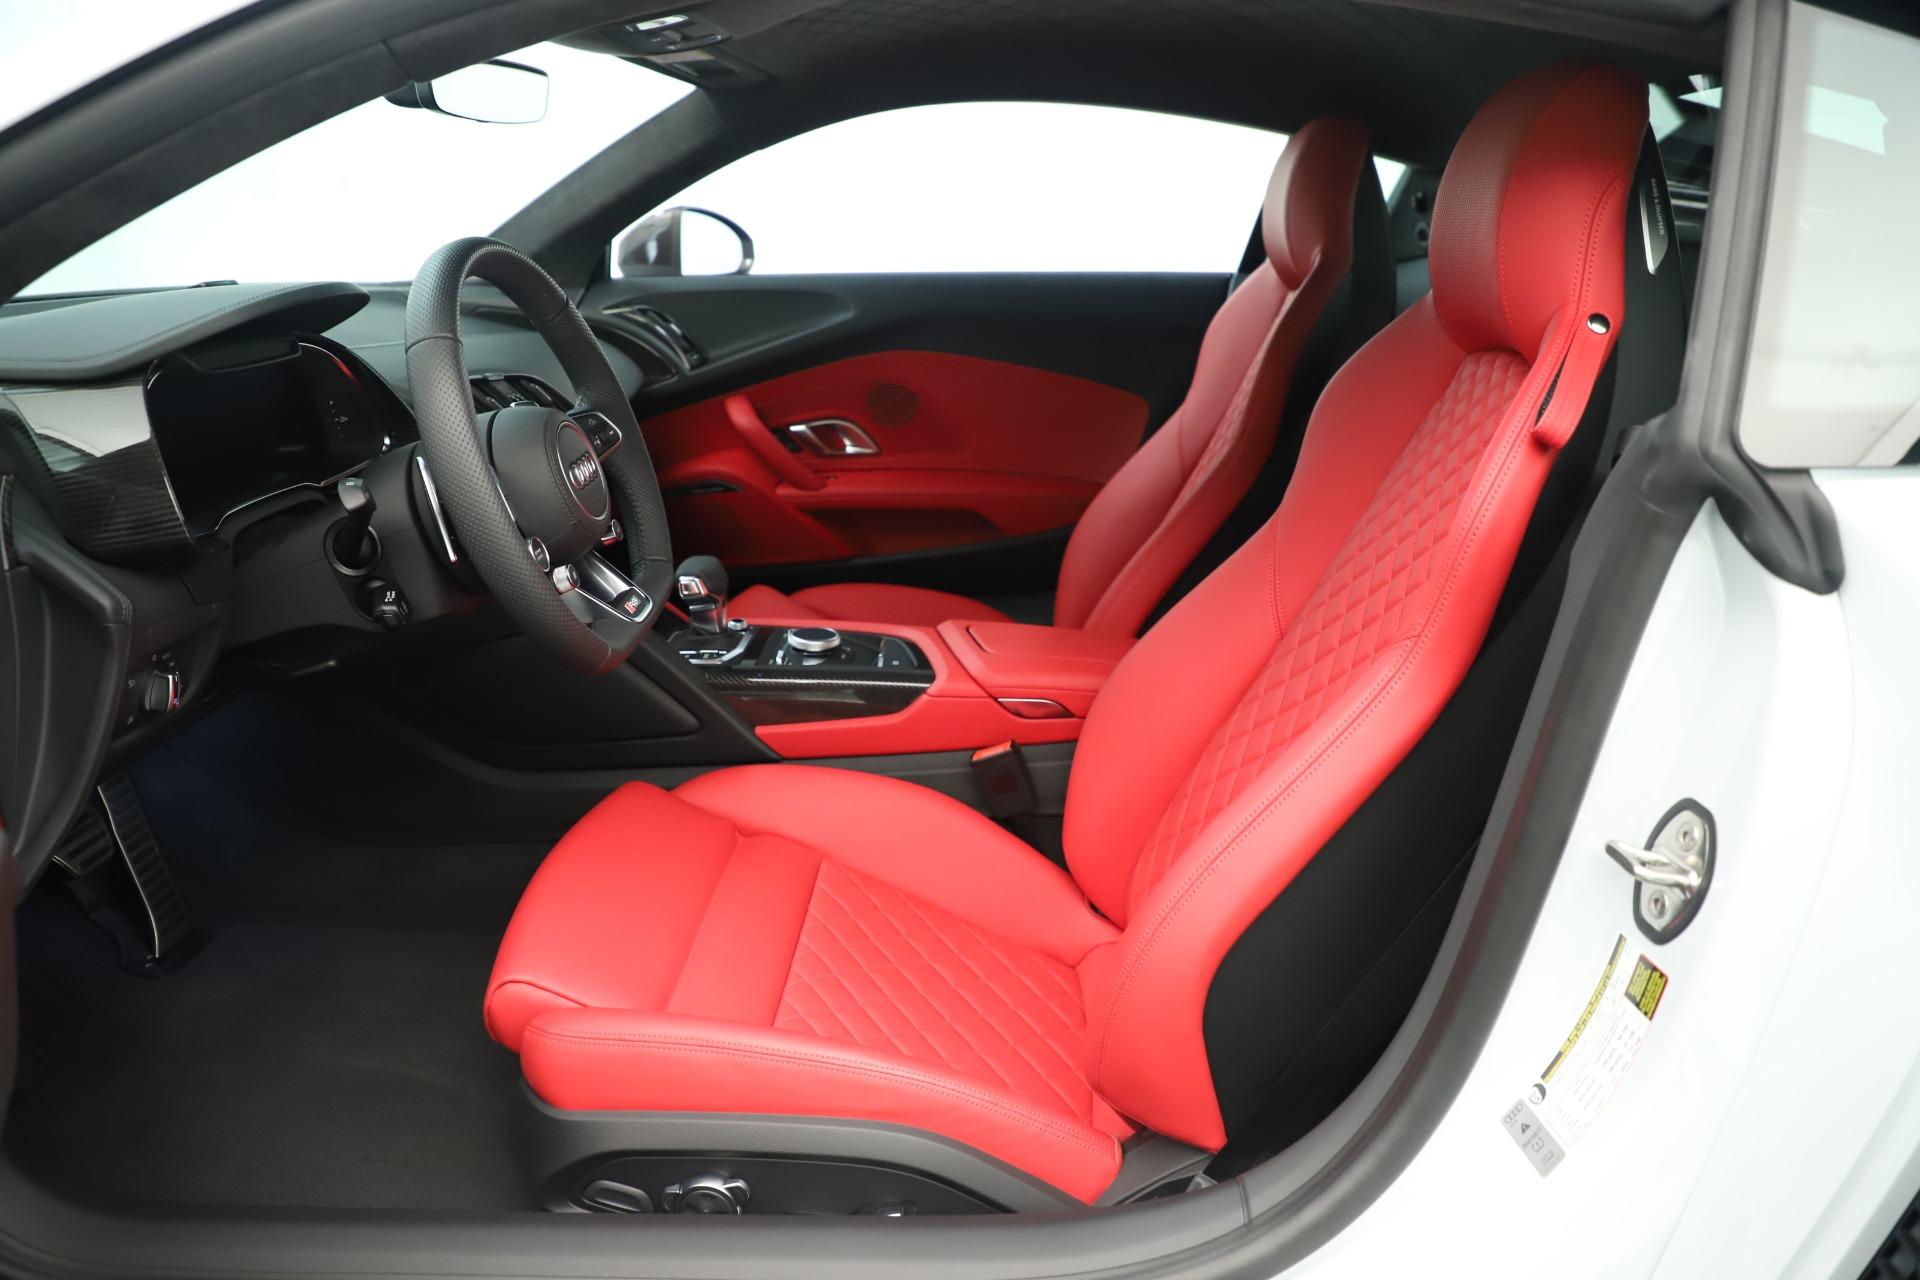 Used 2018 Audi R8 5.2 quattro V10 Plus For Sale In Greenwich, CT. Alfa Romeo of Greenwich, 7615 3360_p15